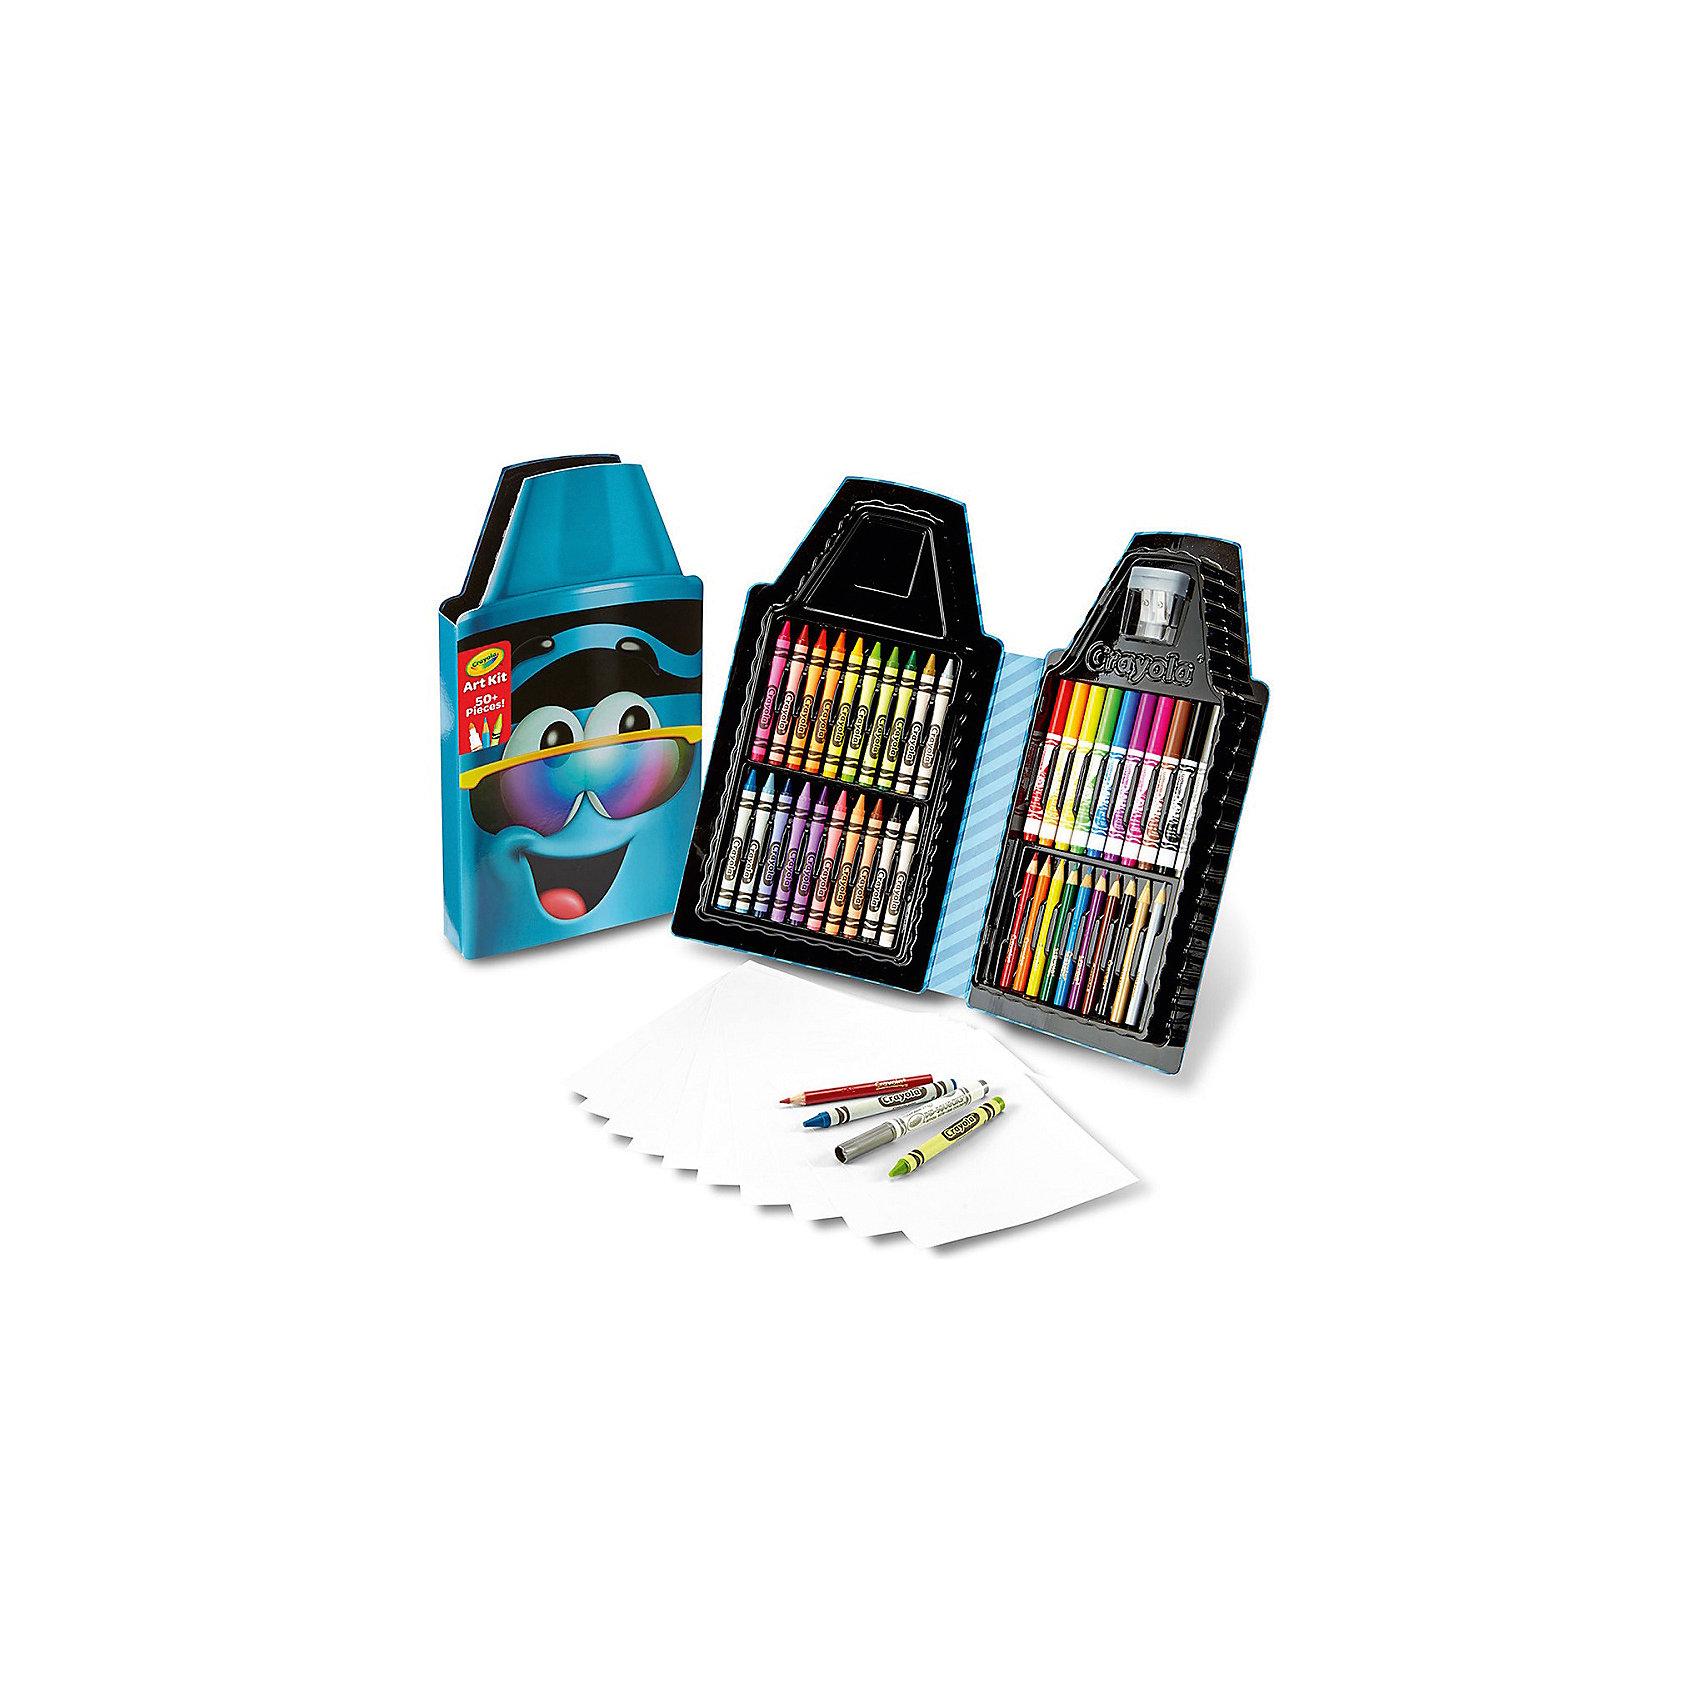 Набор для творчества Карандаш, голубой, CrayolaЦветные карандаши<br>Набор для творчества Карандаш (голубой) станет отличным подарком для ребенка, который любит рисовать. Разнообразие набора поможет ему воплотить на бумаге свои давние фантазии. В набор входят десять фломастеров, десять цветных карандашей, двадцать восковых мелков, а также десять чистых листов бумаги для рисования. Если вдруг карандаши затупятся, вам поможет прозрачная точилка с возможностью точить карандаши двух разных диаметров. Все это сложено в симпатичный пенал голубого цвета, который позволит аккуратно хранить его содержимое, а также без проблем переносить карандаши с места на место. <br>В комплект входит: 10 фломастеров, 10 цветных карандашей, 20 восковых мелков, 10 чистых листов, точилка.<br>Рекомендуется детям старше 5 лет.<br><br>Ширина мм: 320<br>Глубина мм: 30<br>Высота мм: 175<br>Вес г: 360<br>Возраст от месяцев: 60<br>Возраст до месяцев: 2147483647<br>Пол: Мужской<br>Возраст: Детский<br>SKU: 5574414